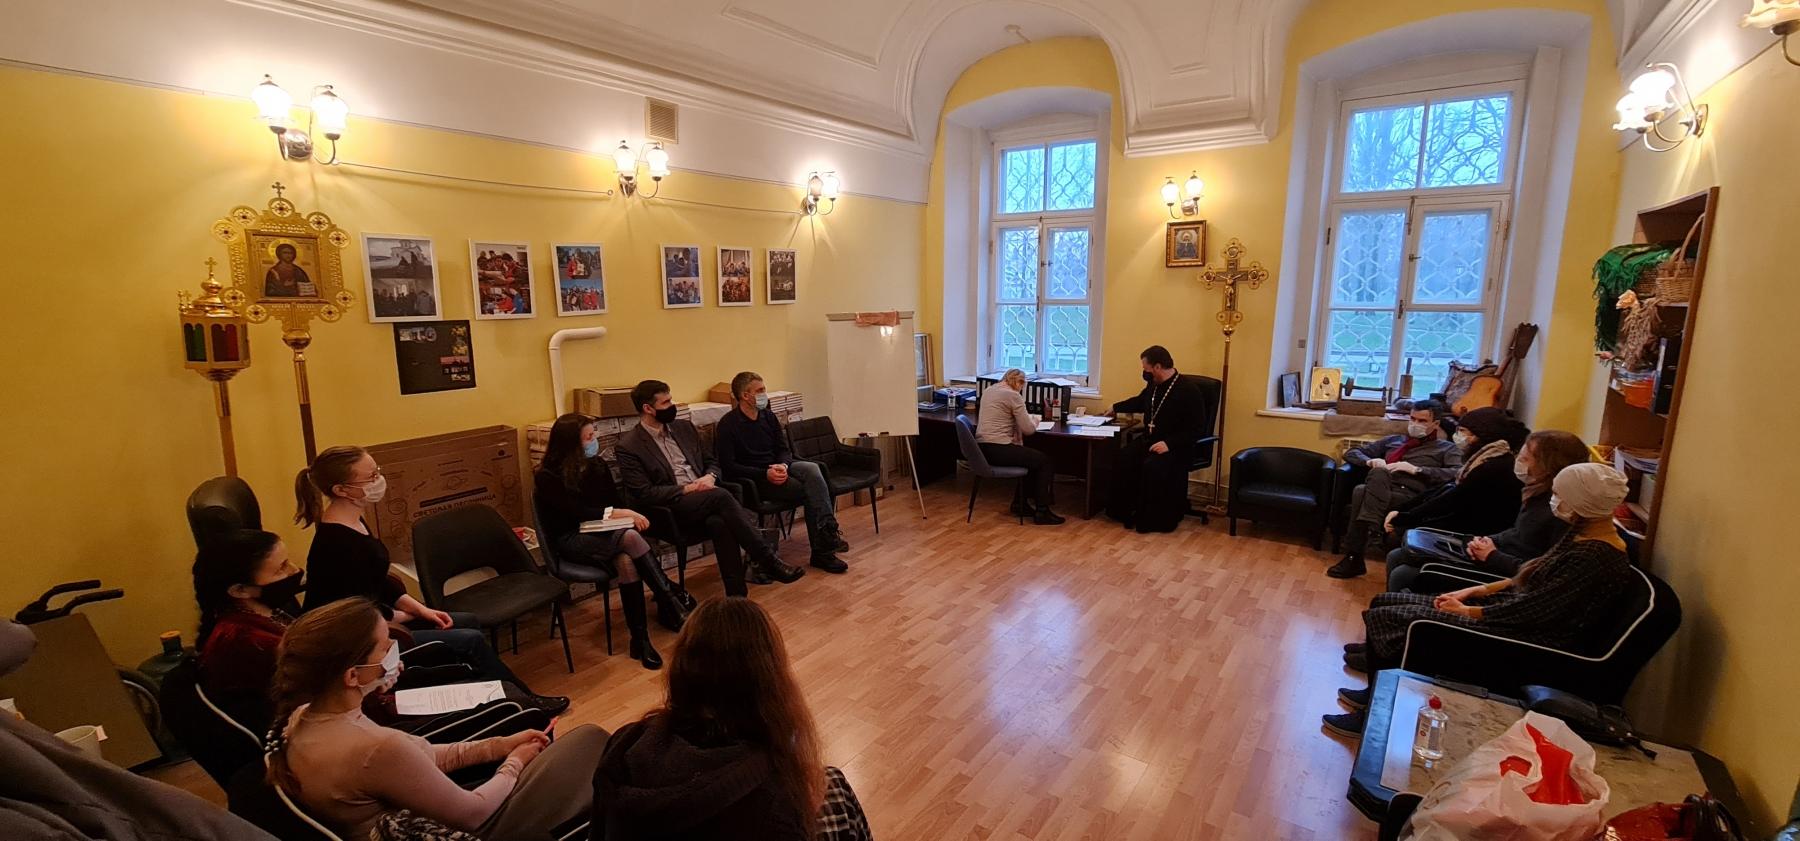 Пятый выпуск православной школы приемных родителей «Умиление» в Санкт-Петербурге